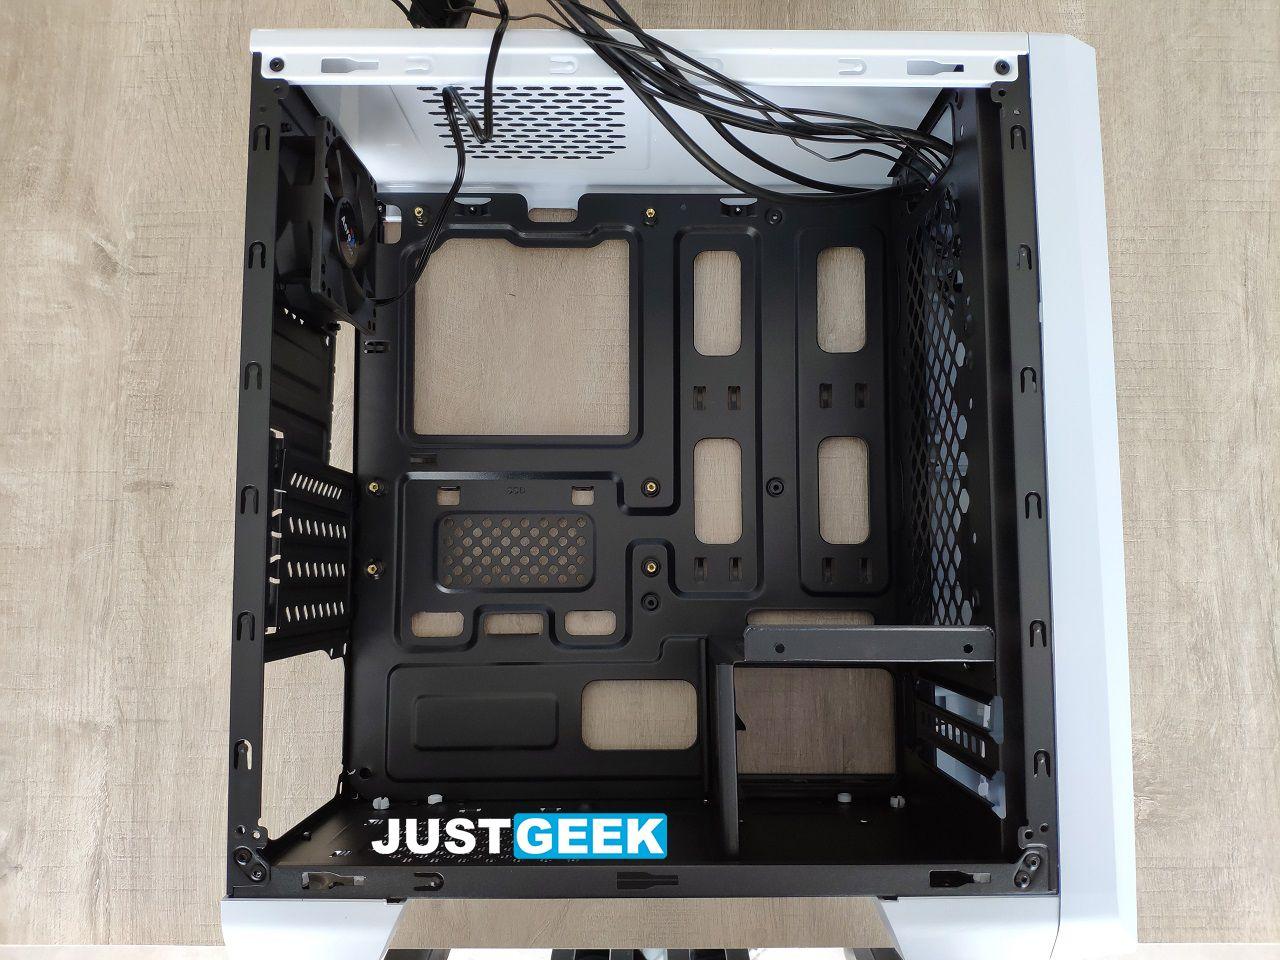 Tutoriel montage PC : Démonter les panneaux latéraux du boîtier PC